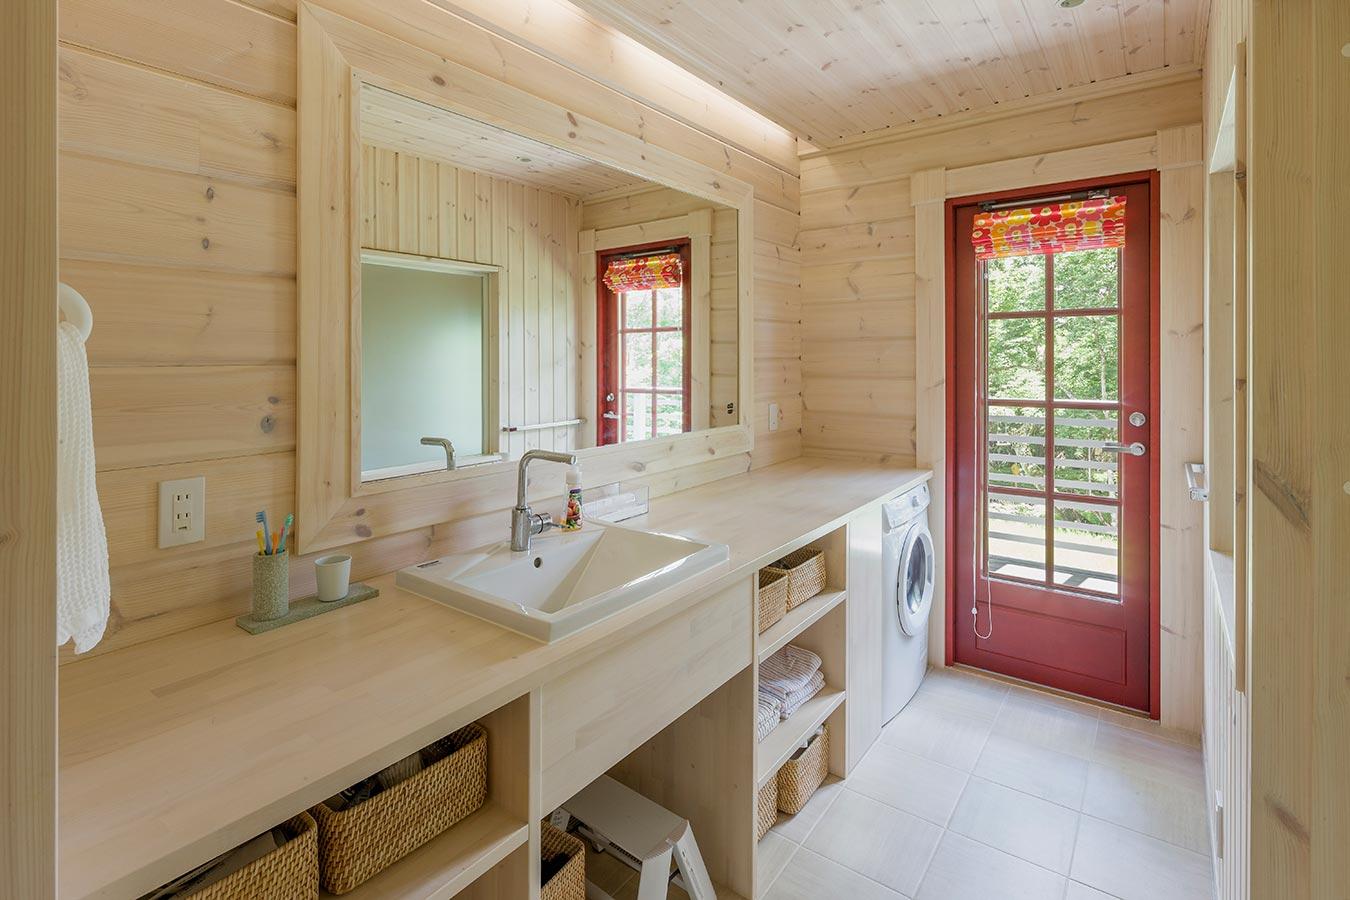 テラスとつながる洗面脱衣所は、遊び後の手洗いを考えた導線に。